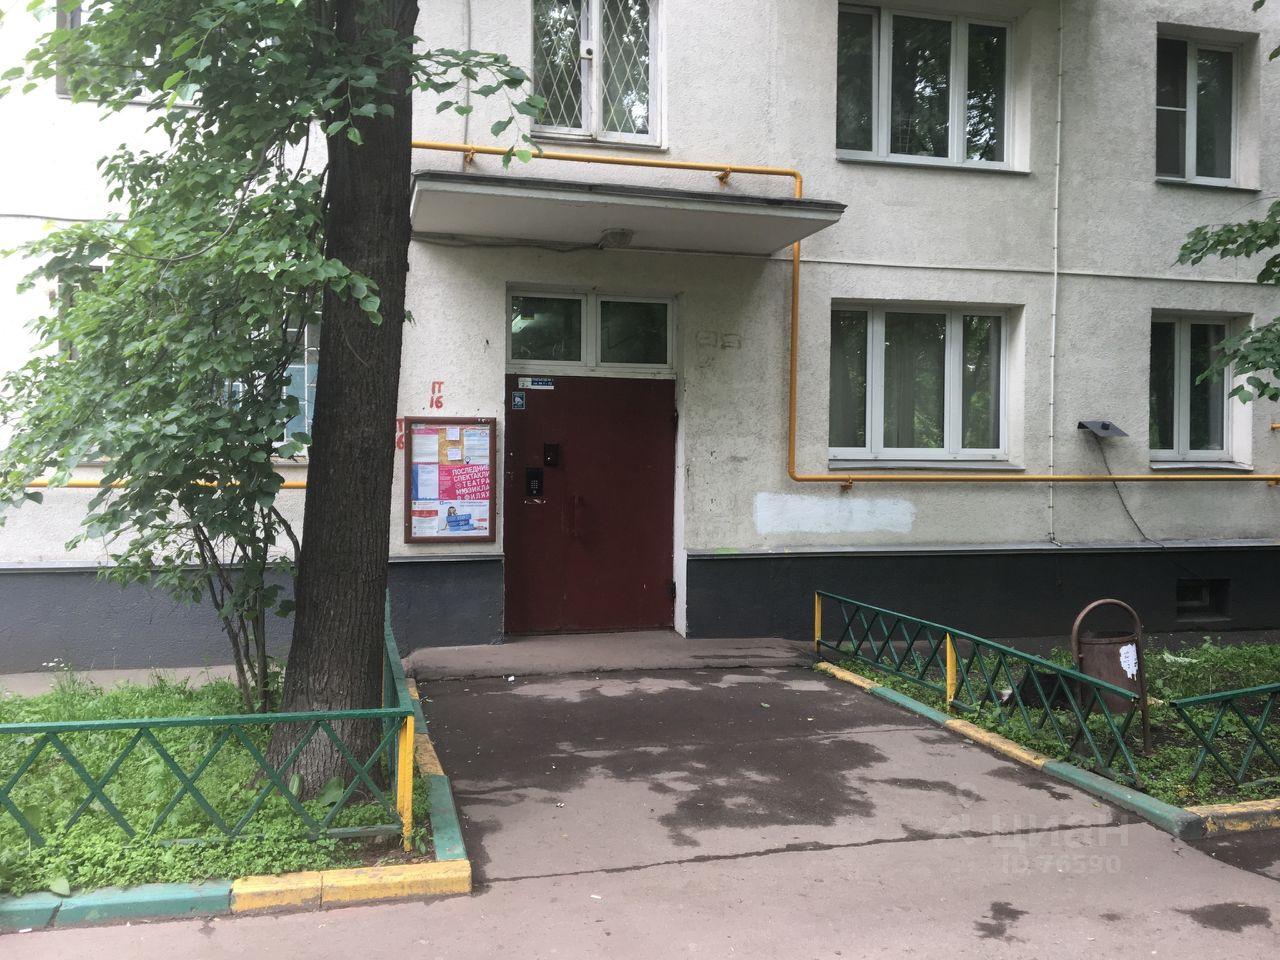 купить двухкомнатную квартиру город Москва, метро Фили, Новозаводская улица, д. 2К9